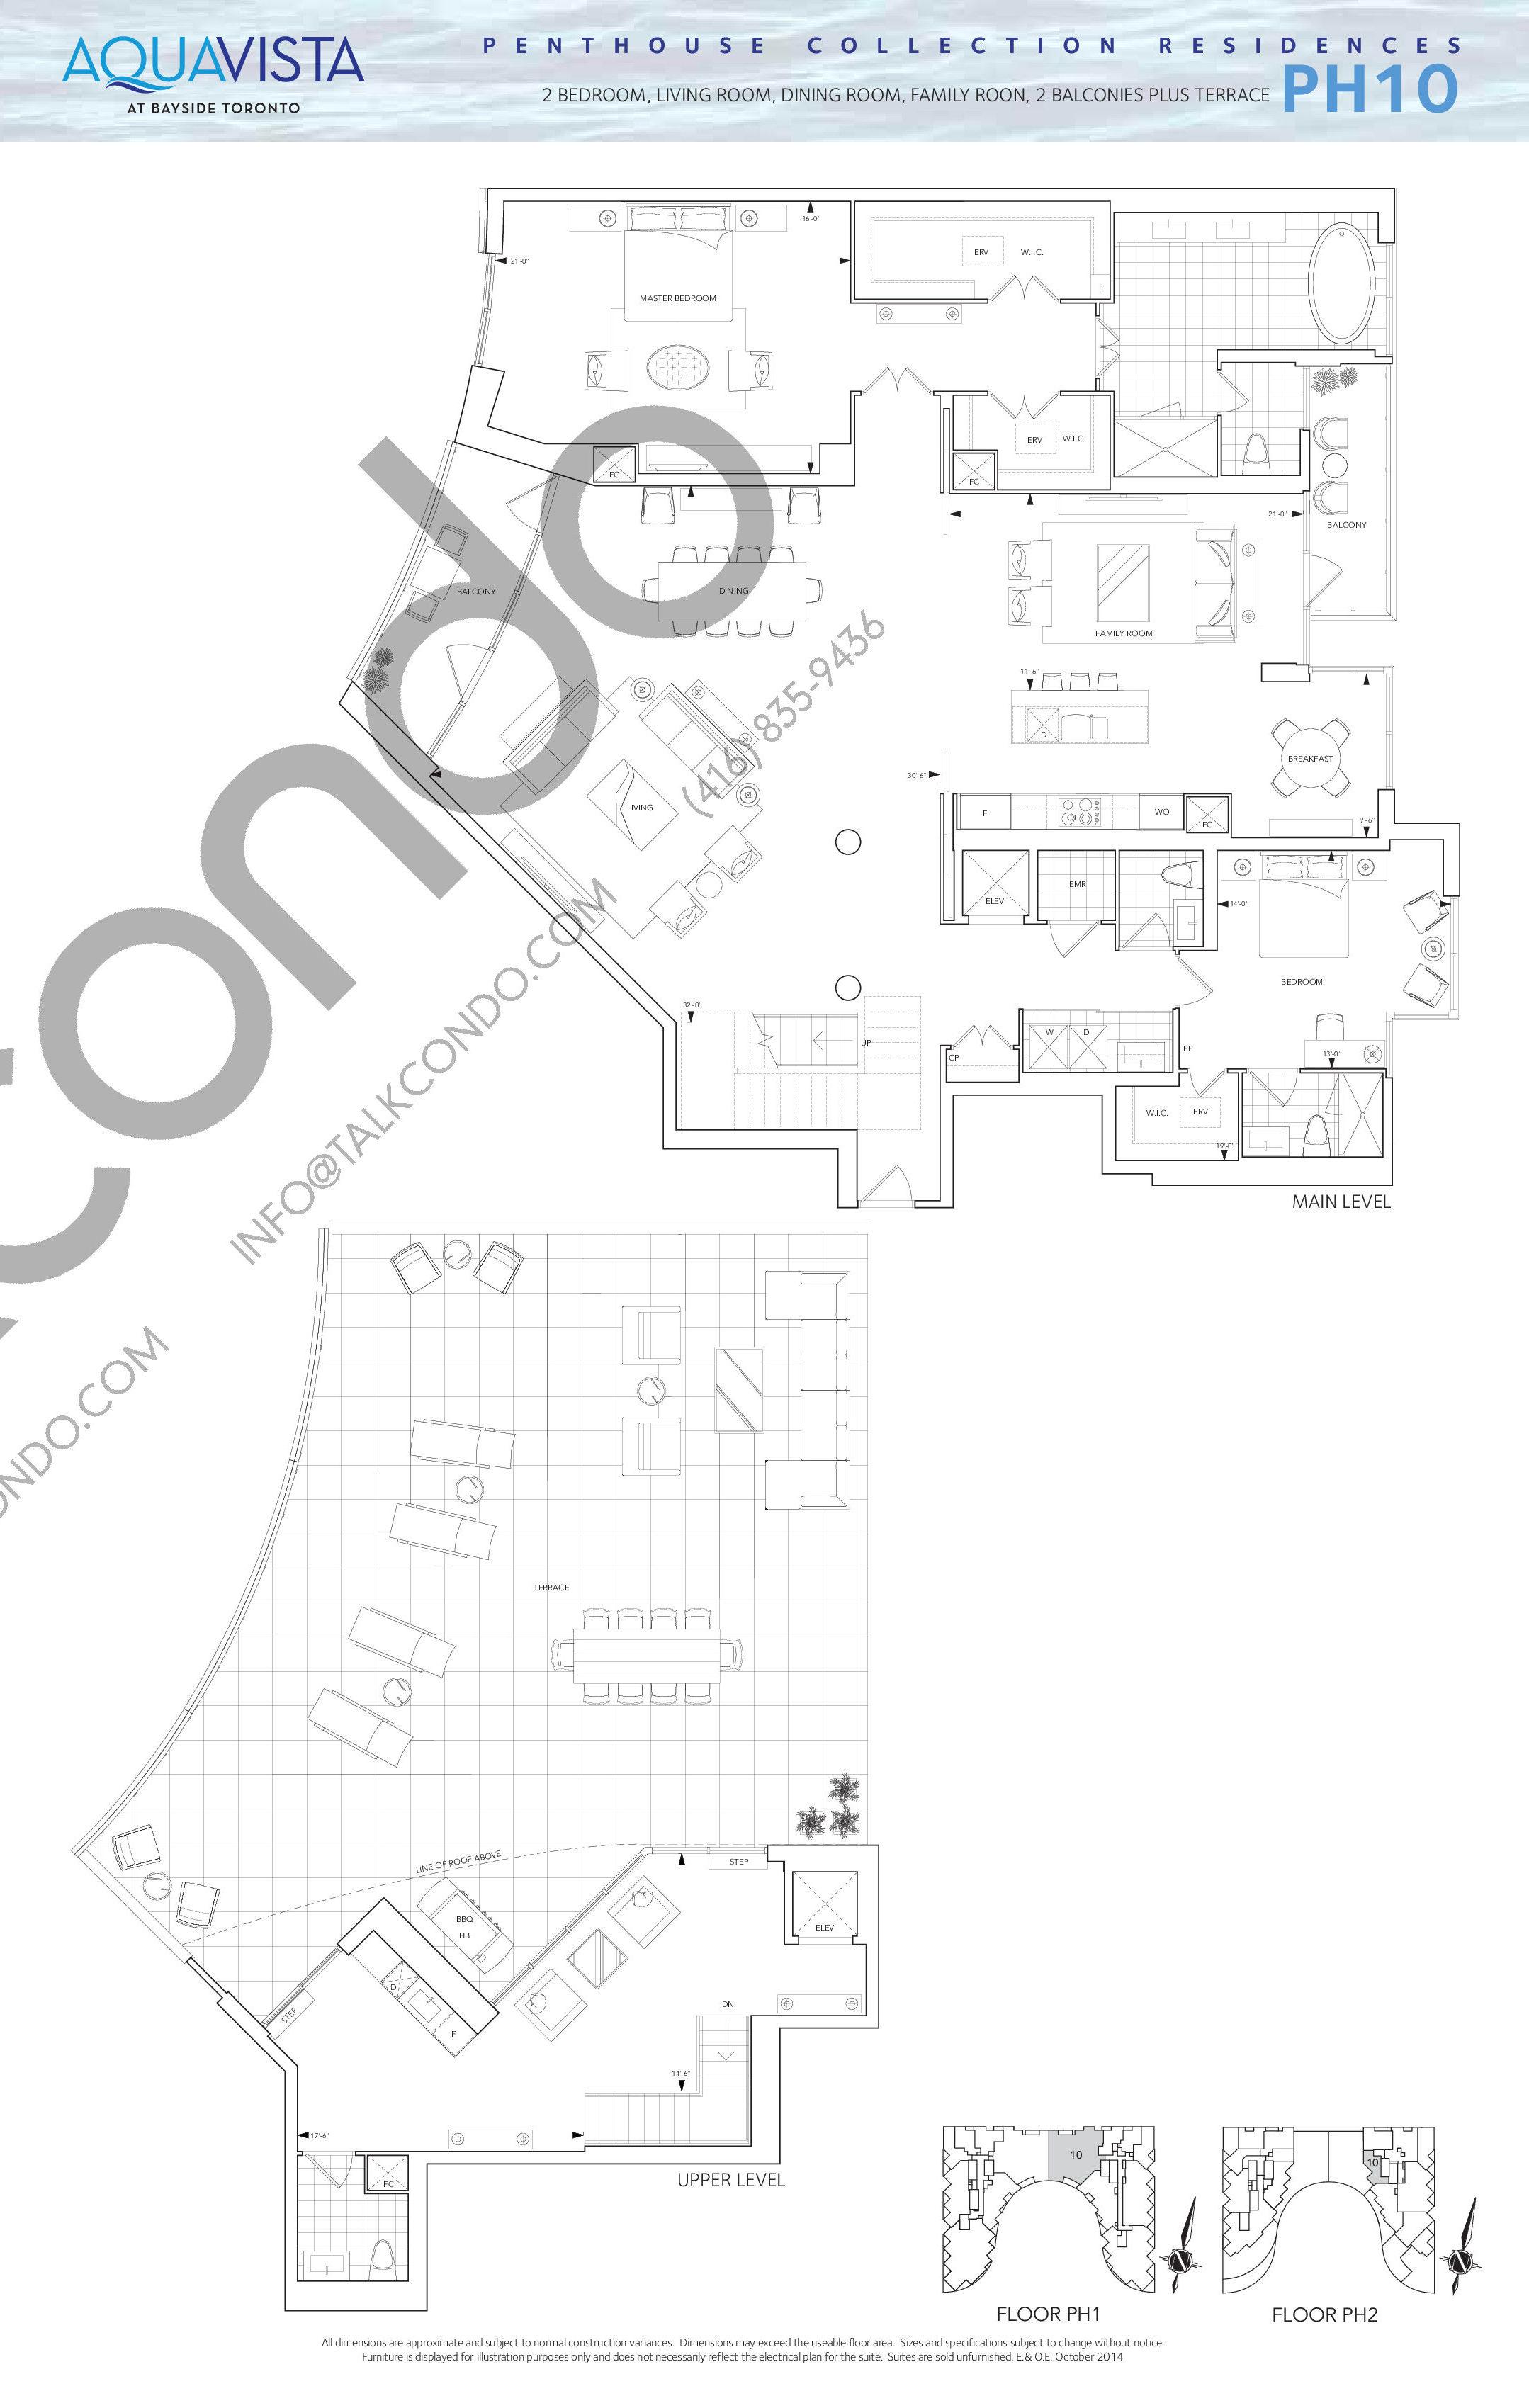 Aquavista At Bayside Condos Floor Plans Prices Availability Talkcondo